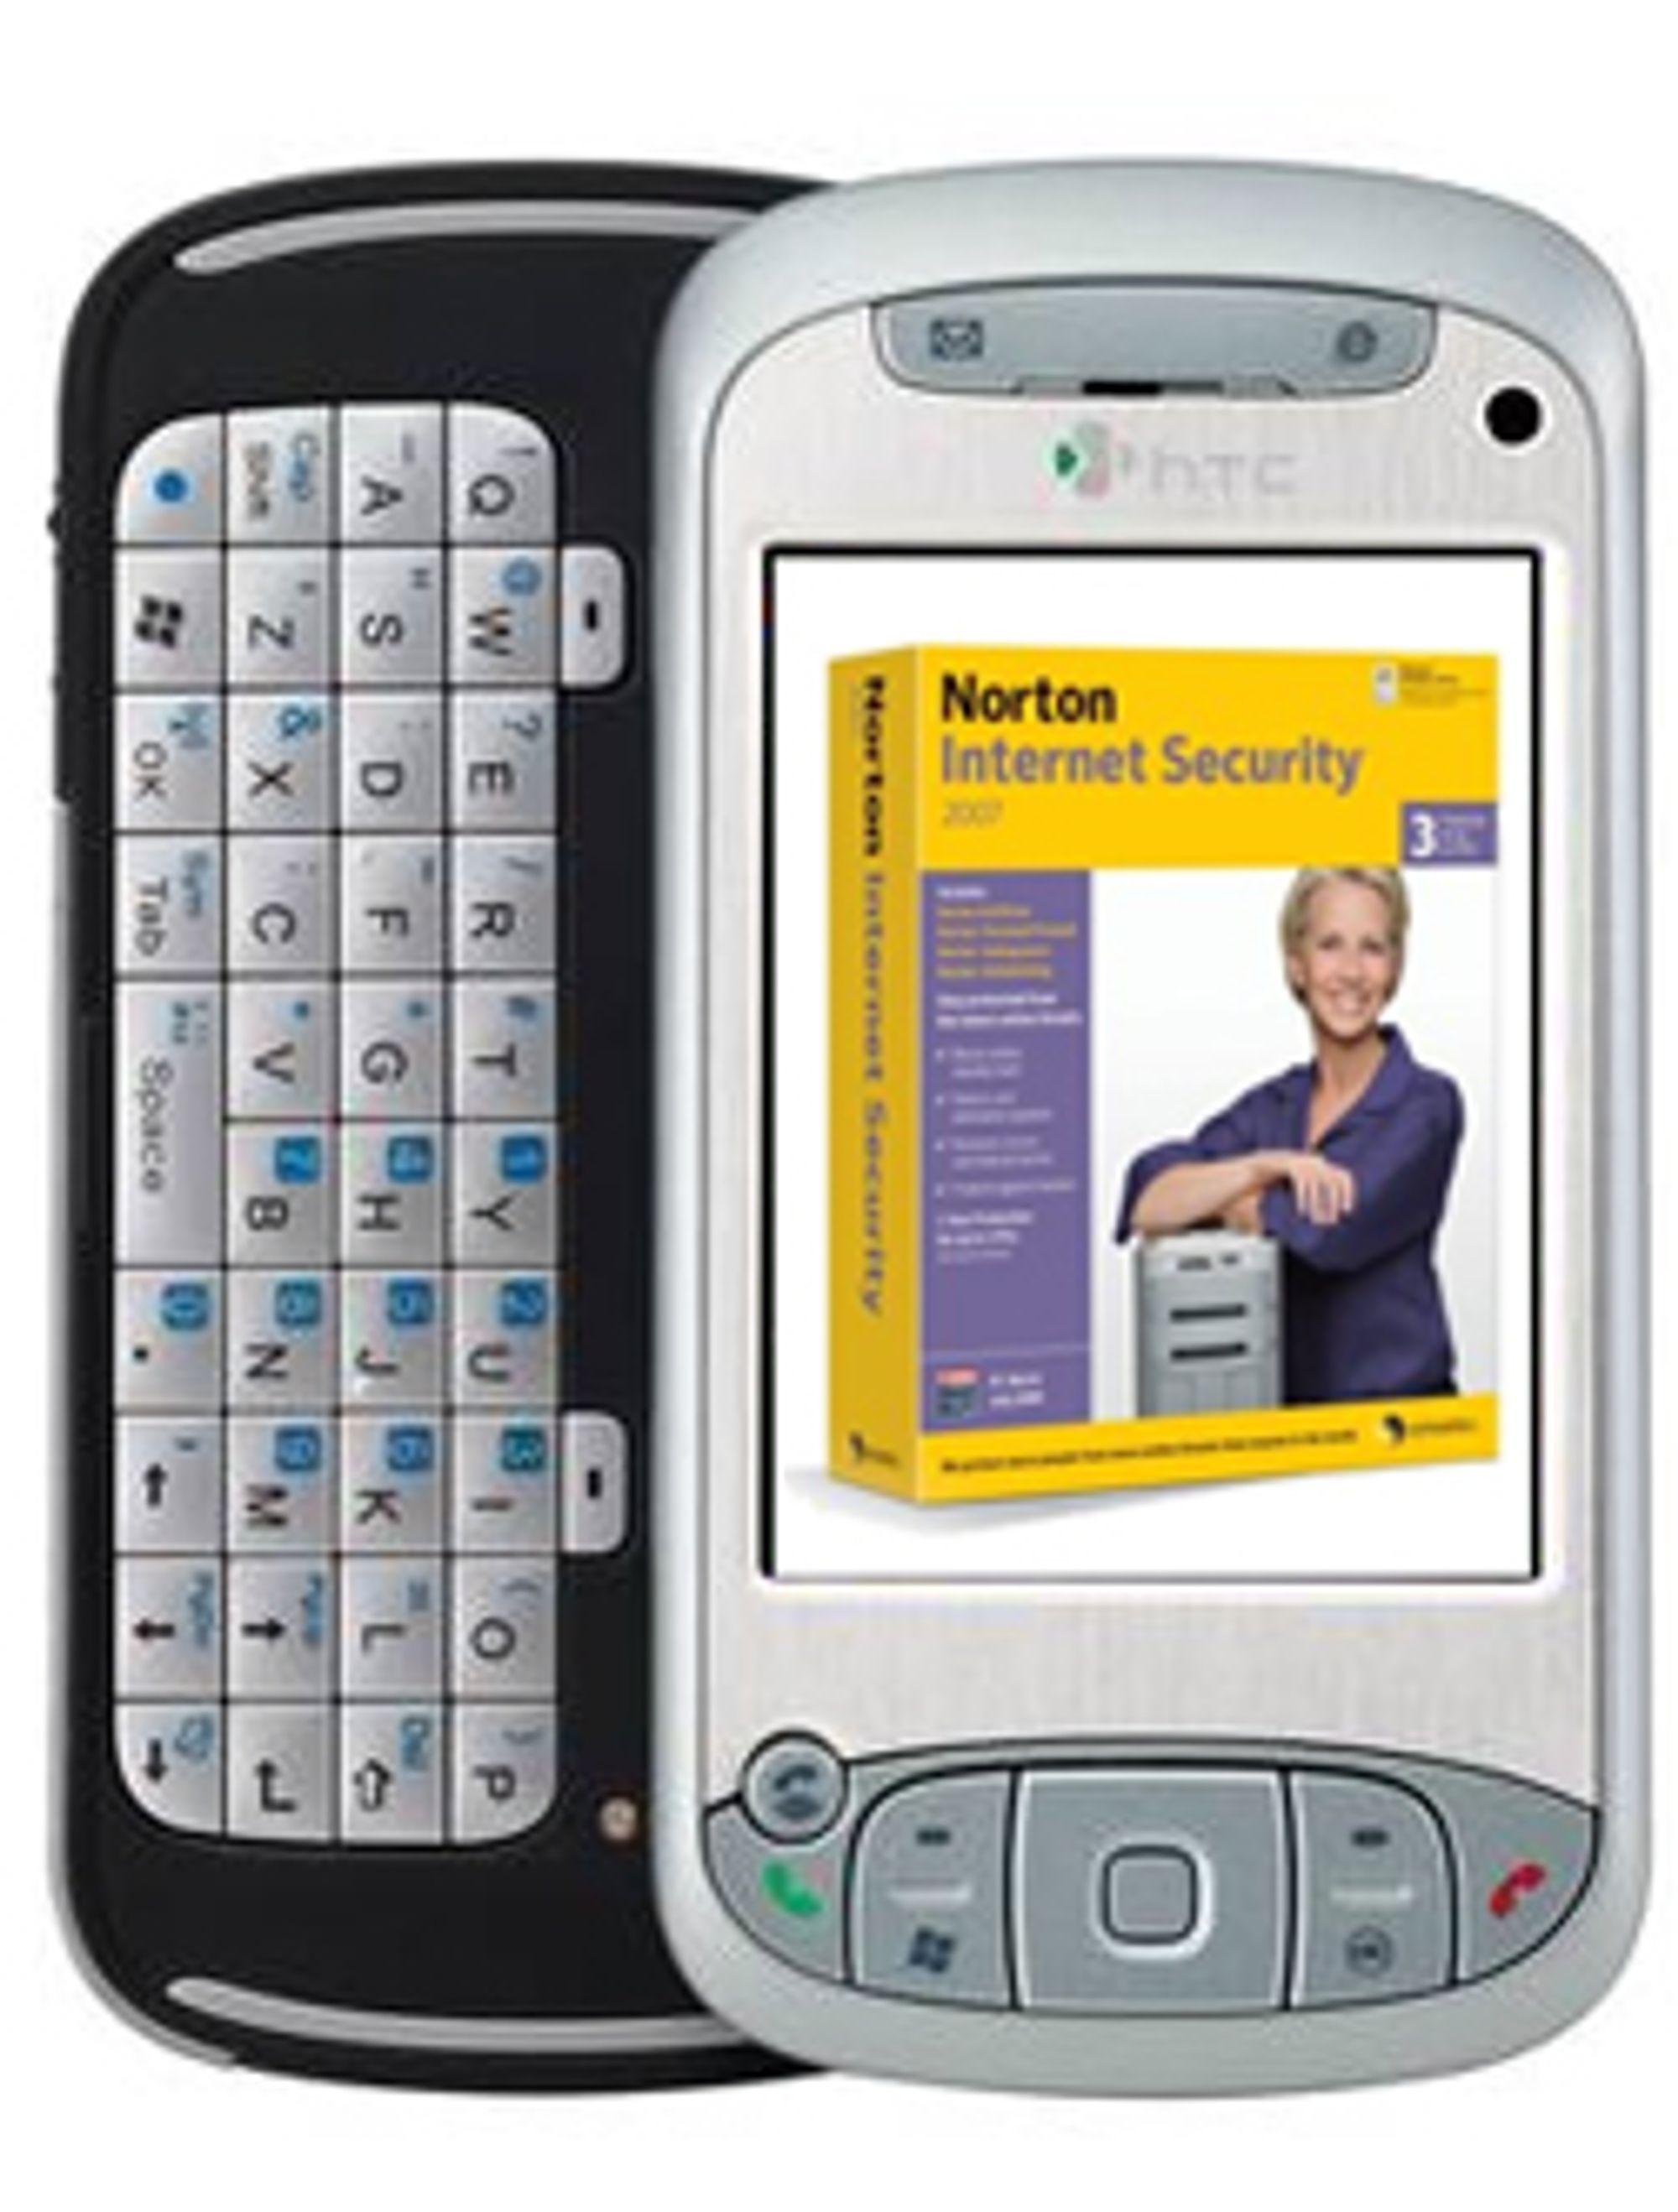 Symantecs sikkerhetspakke kommer til mobilen.